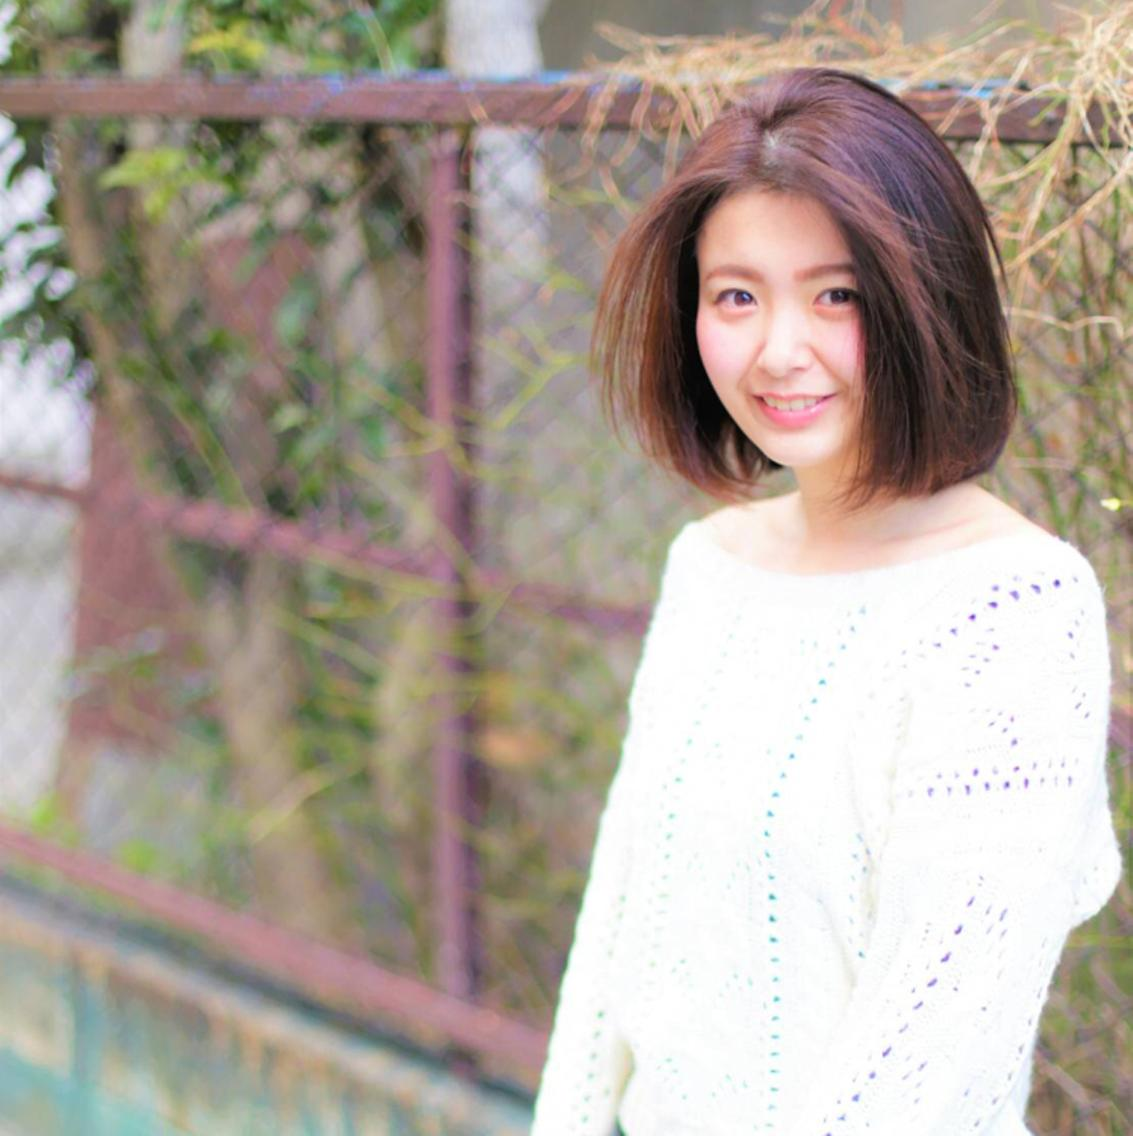 グレイカラー(白髪染め)、ファッションカラーの練習モデル募集!